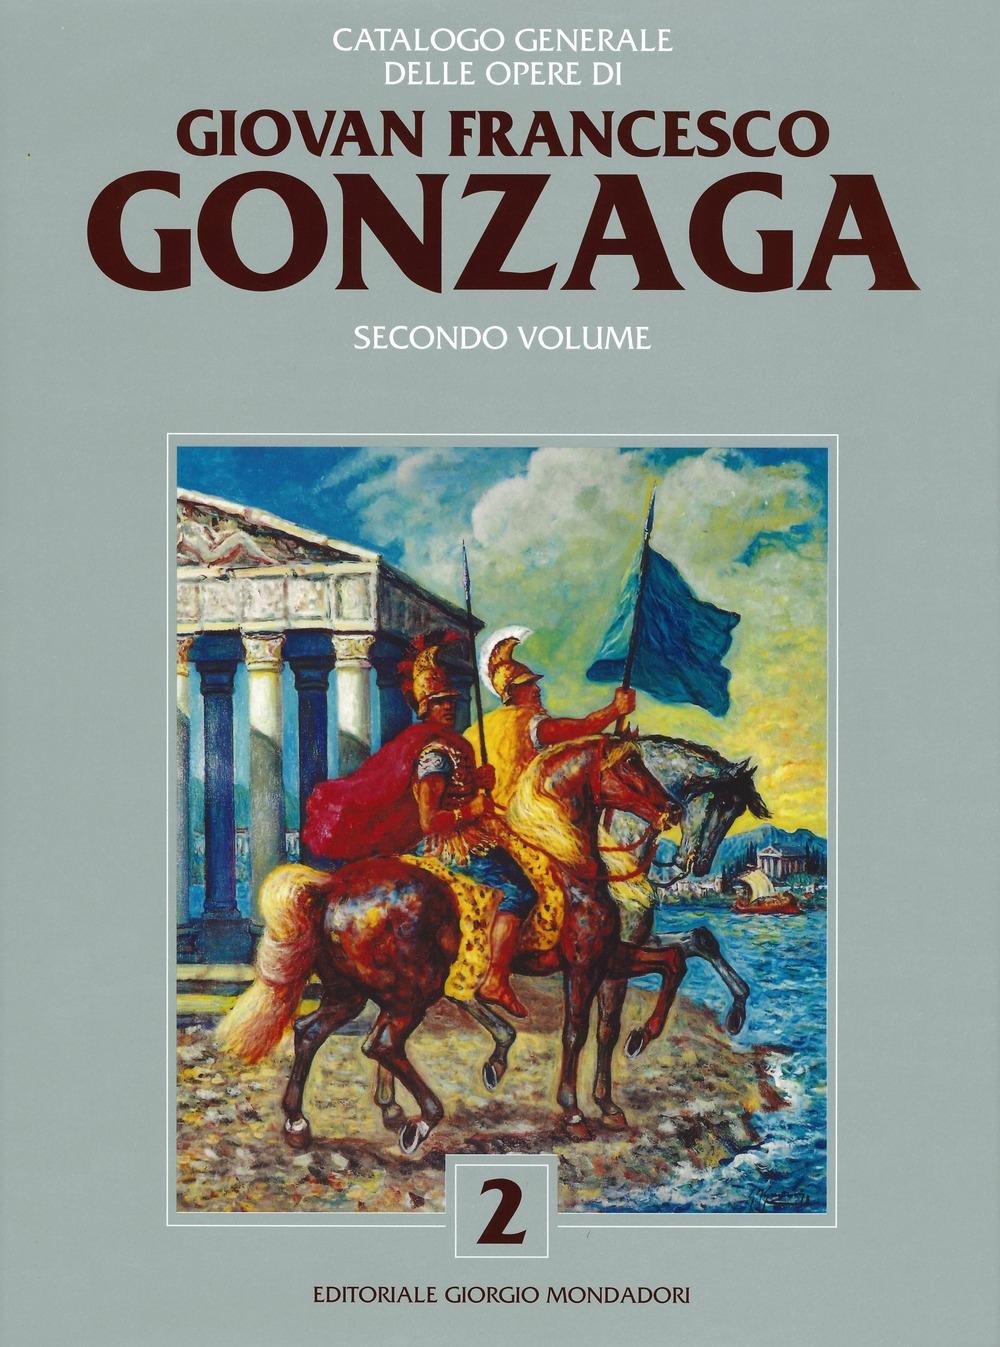 Catalogo Generale delle Opere di Giovan Francesco Gonzaga. Secondo volume.